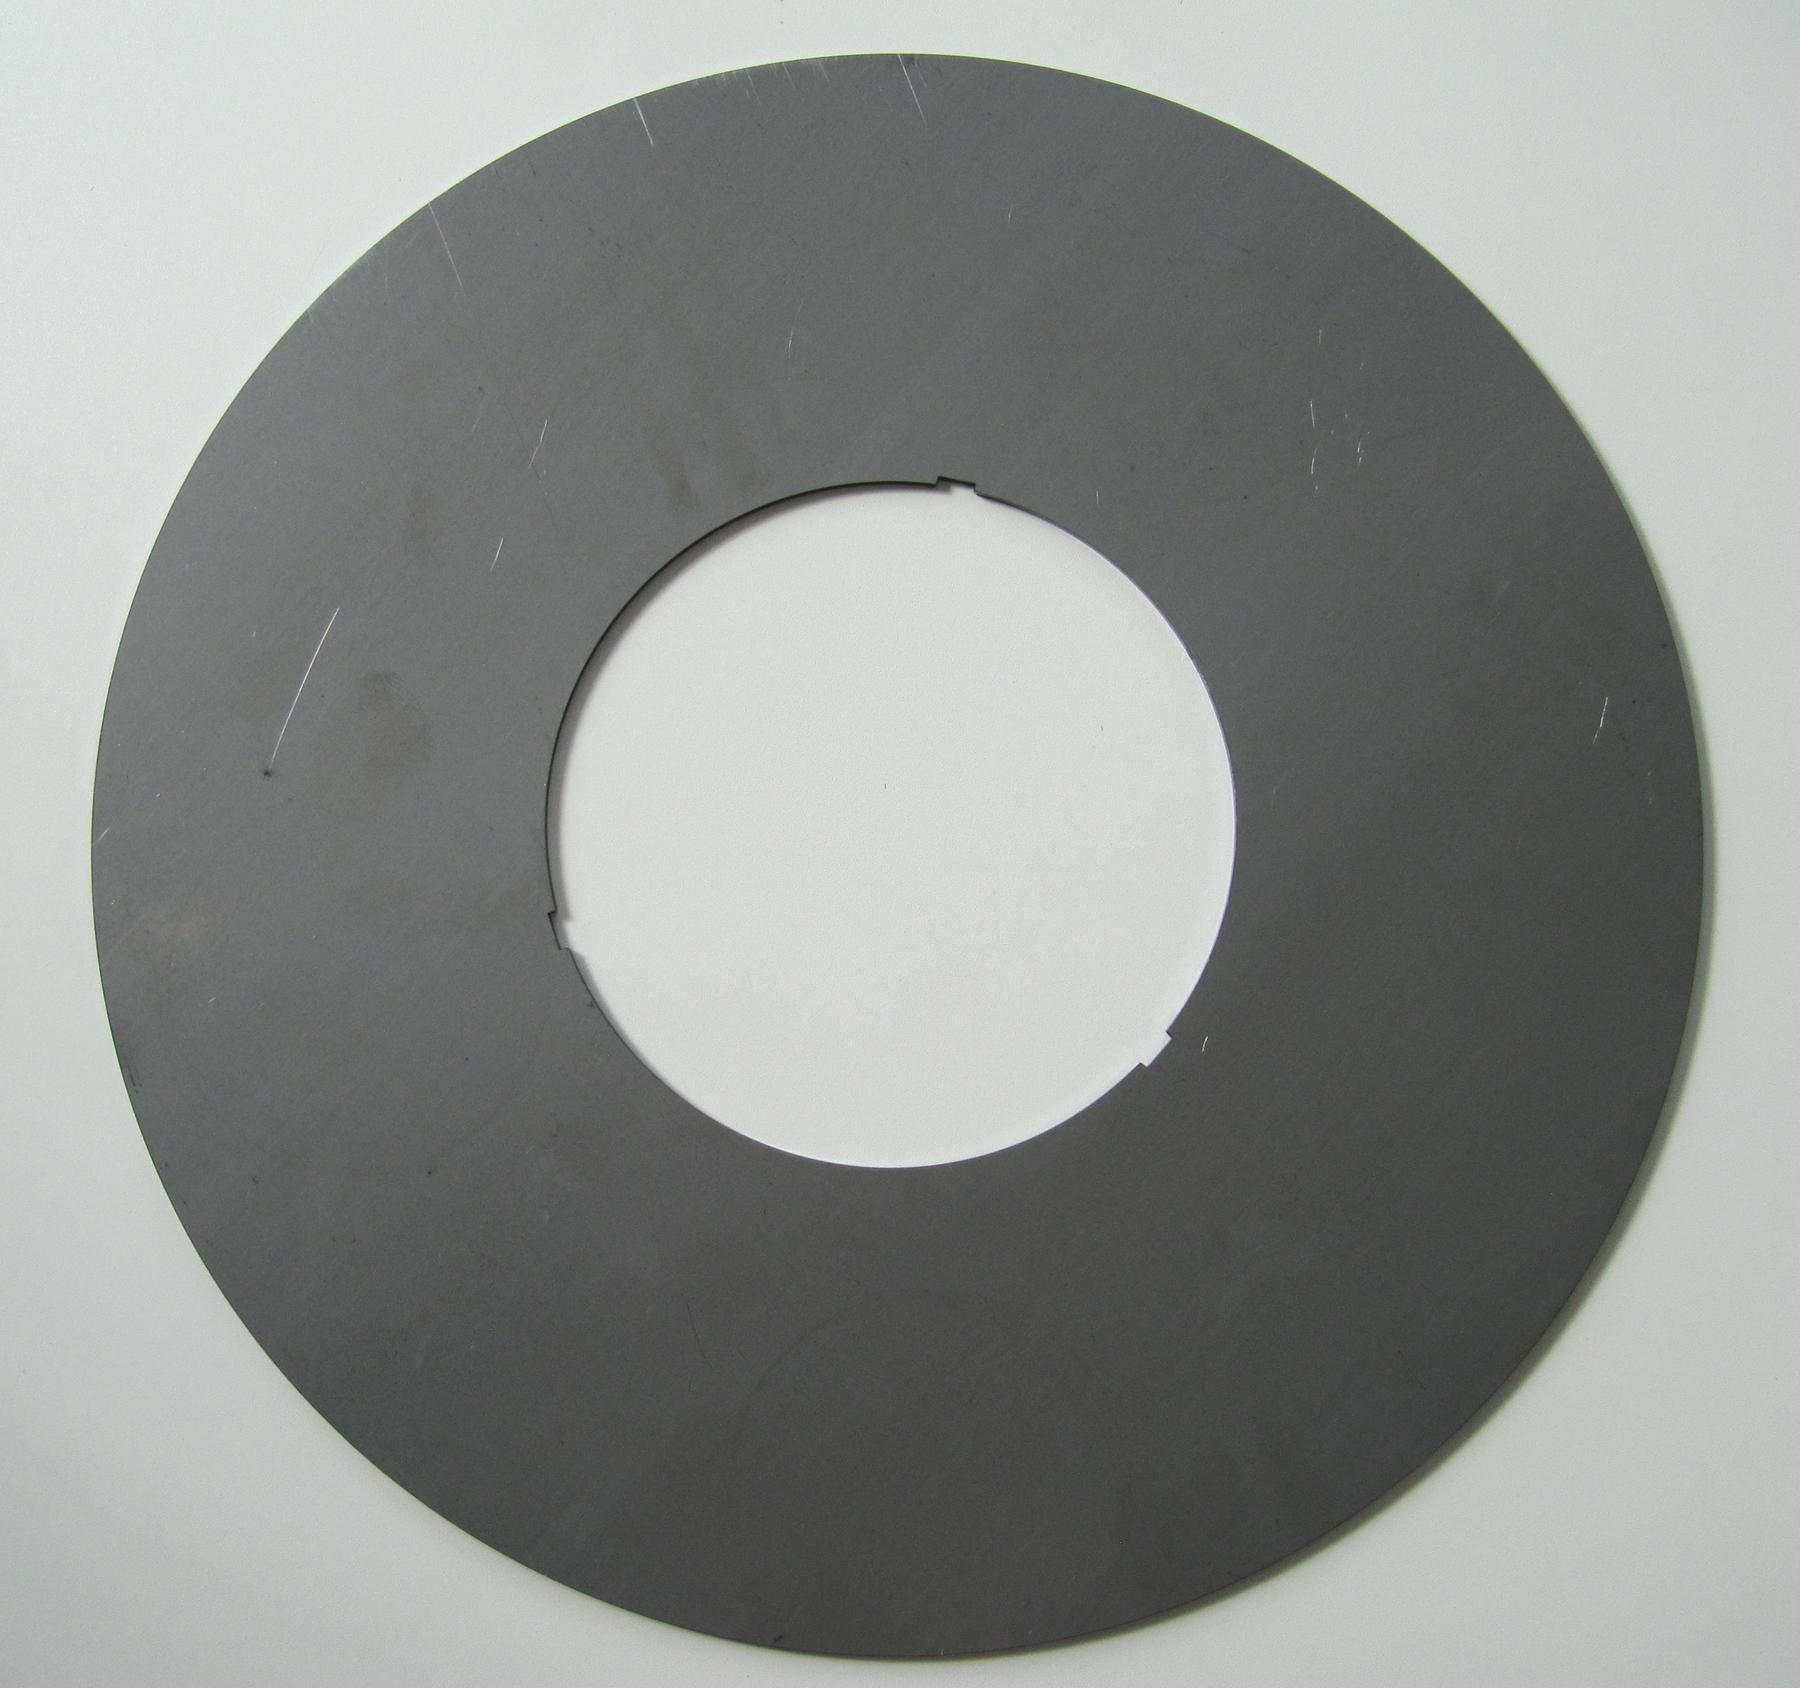 Feuerplatte Plancha Grillplatte 470mm Ø Bild 1